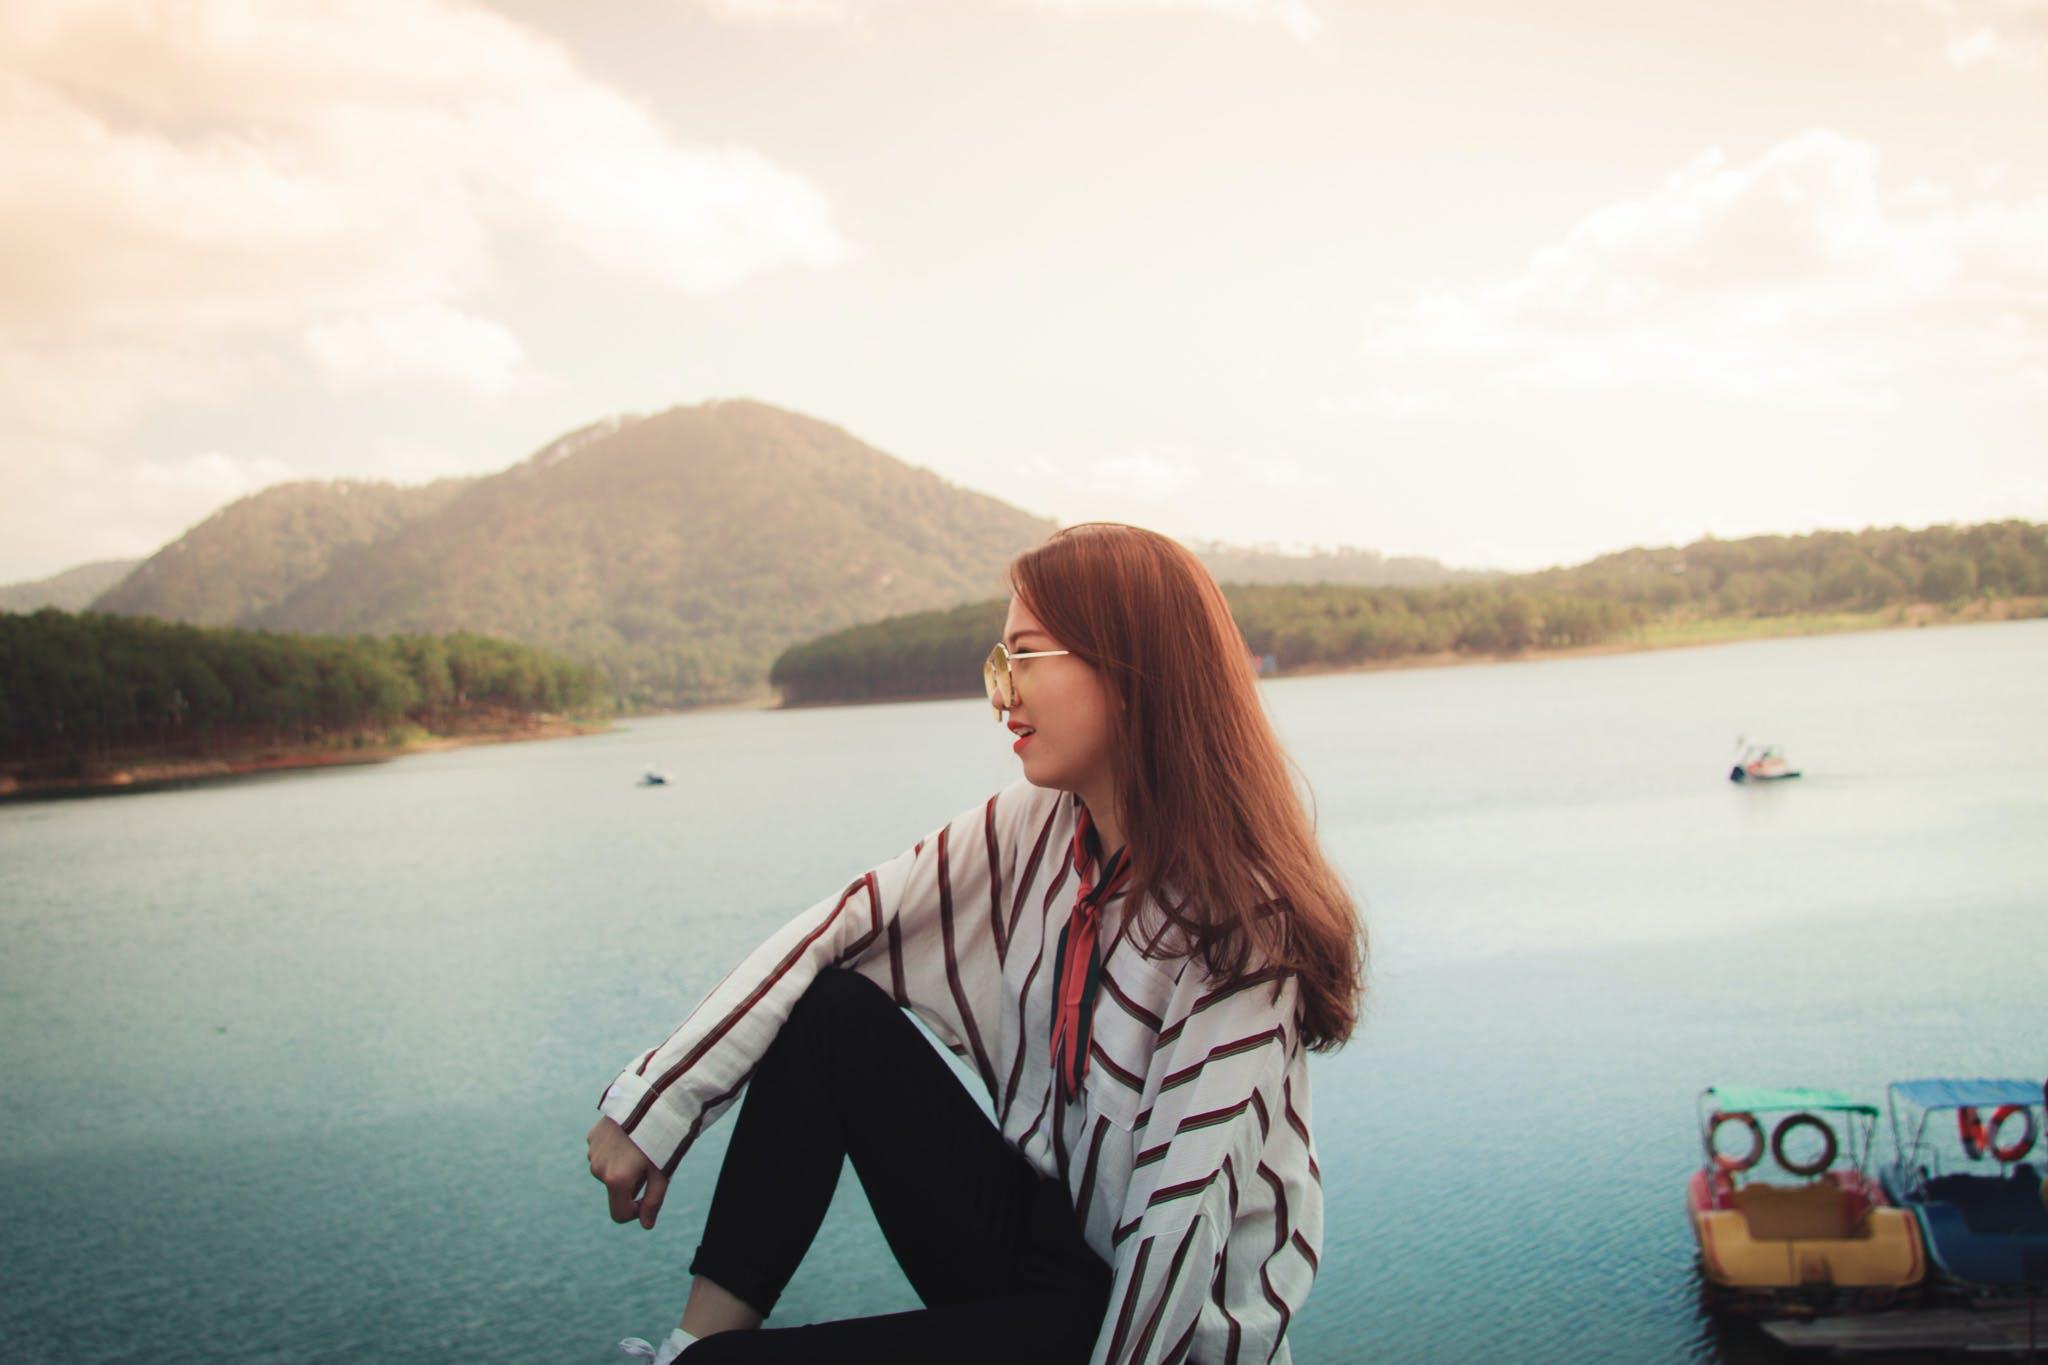 Woman Staring at the Horizon